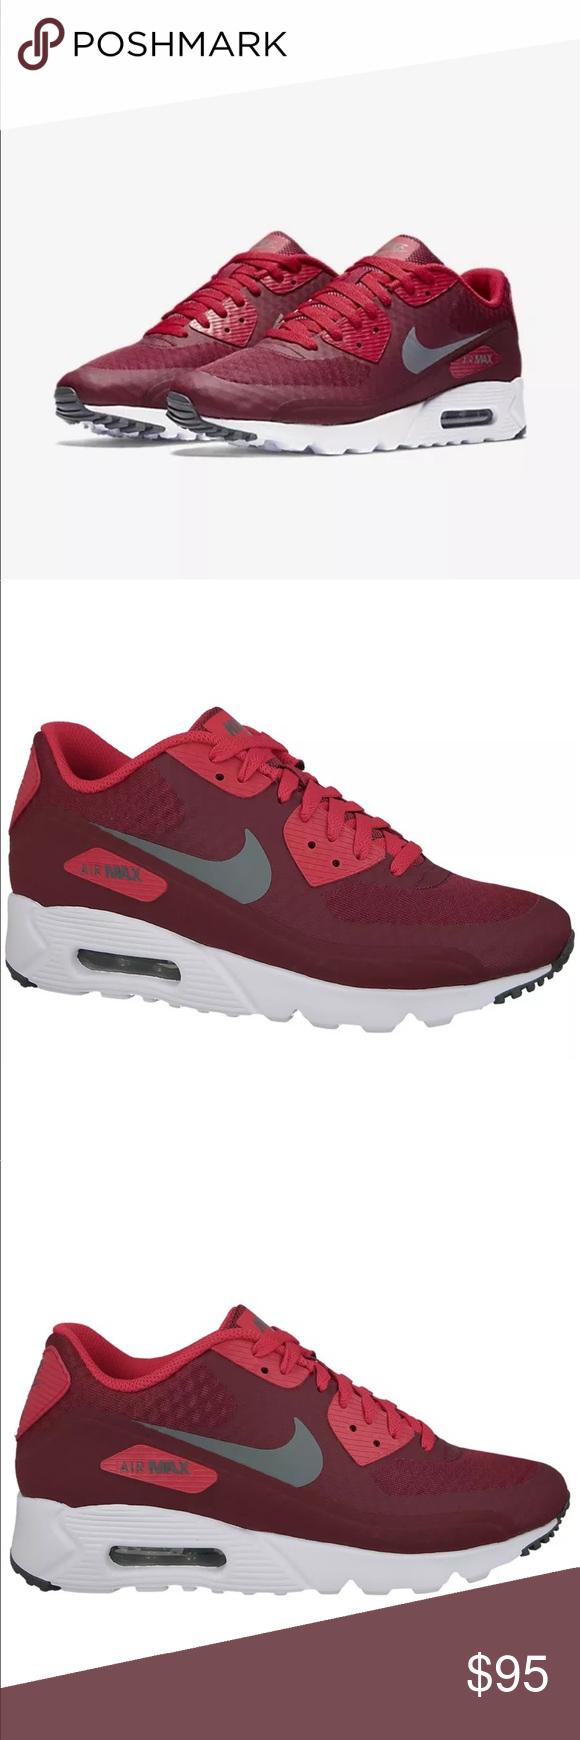 nike air max 90 uomini scarpe air max 90 ultra essenziale nwt air